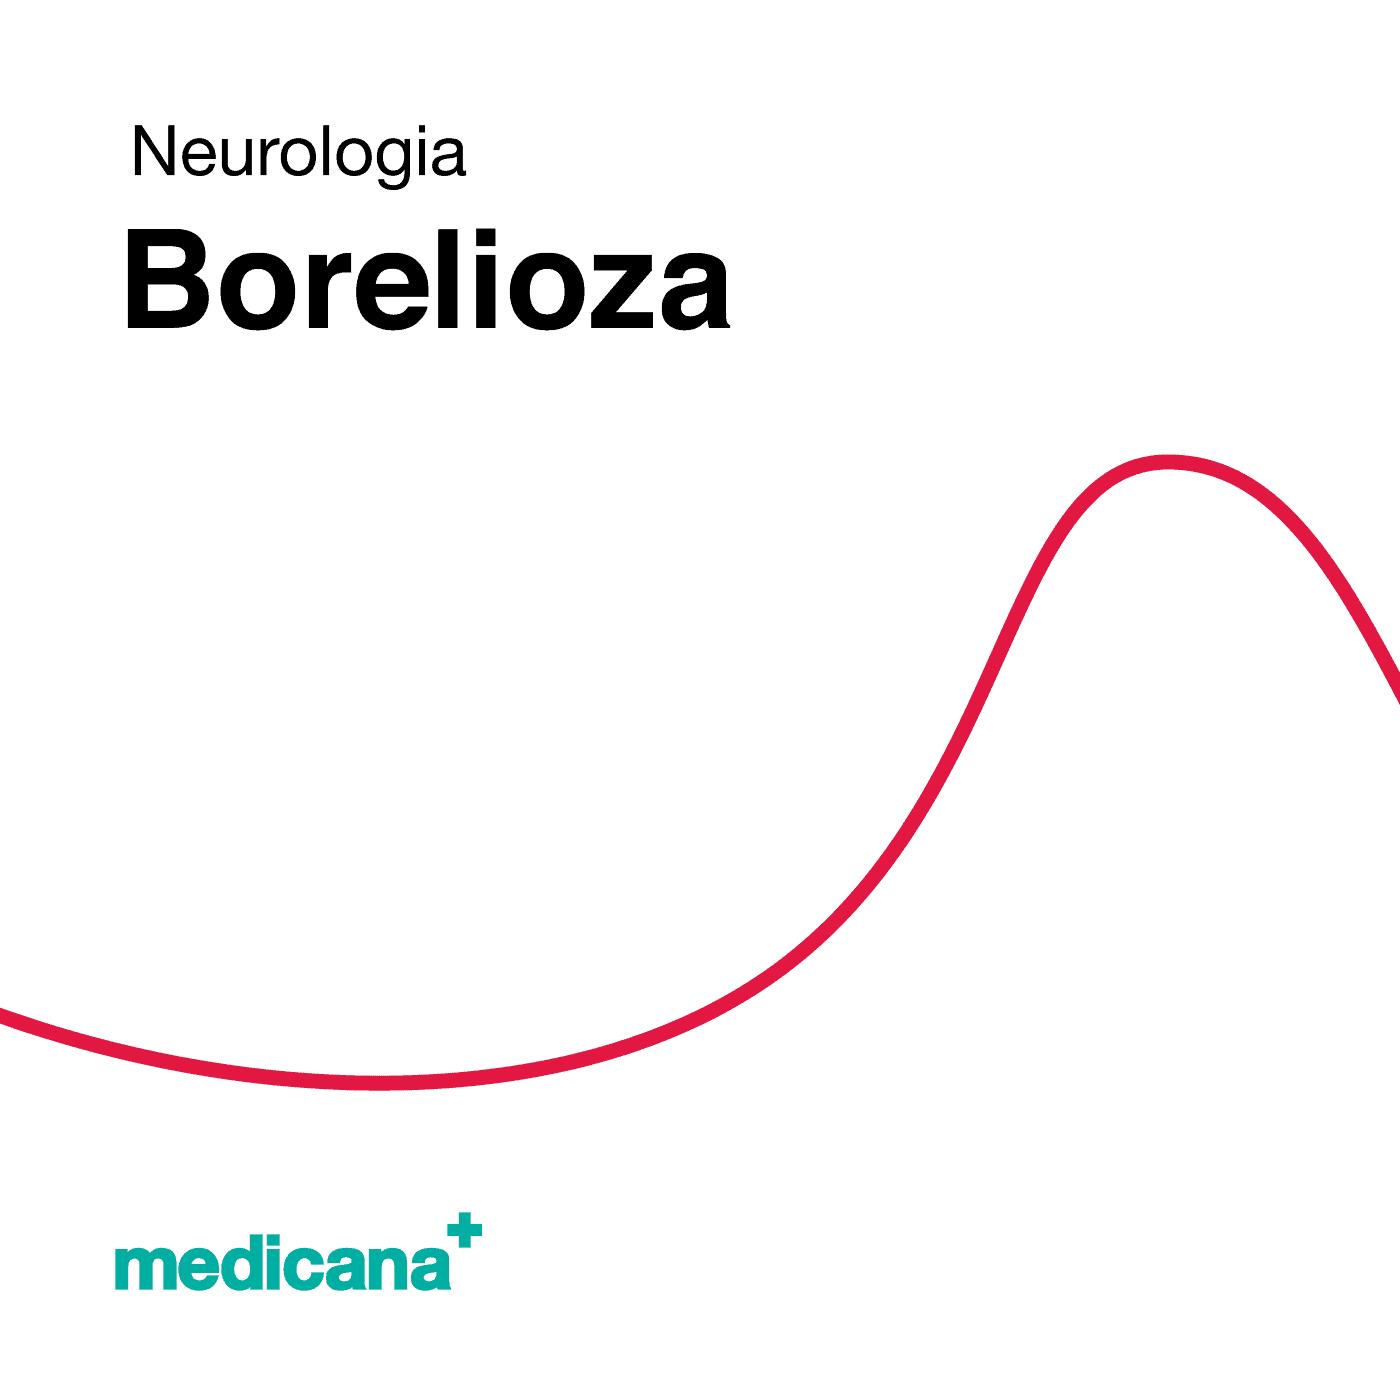 Grafika, białe tło z czerwoną kreską, czarnym napisem Neurologia - Borelioza oraz zielonym logo Medicana w lewym dolnym rogu.